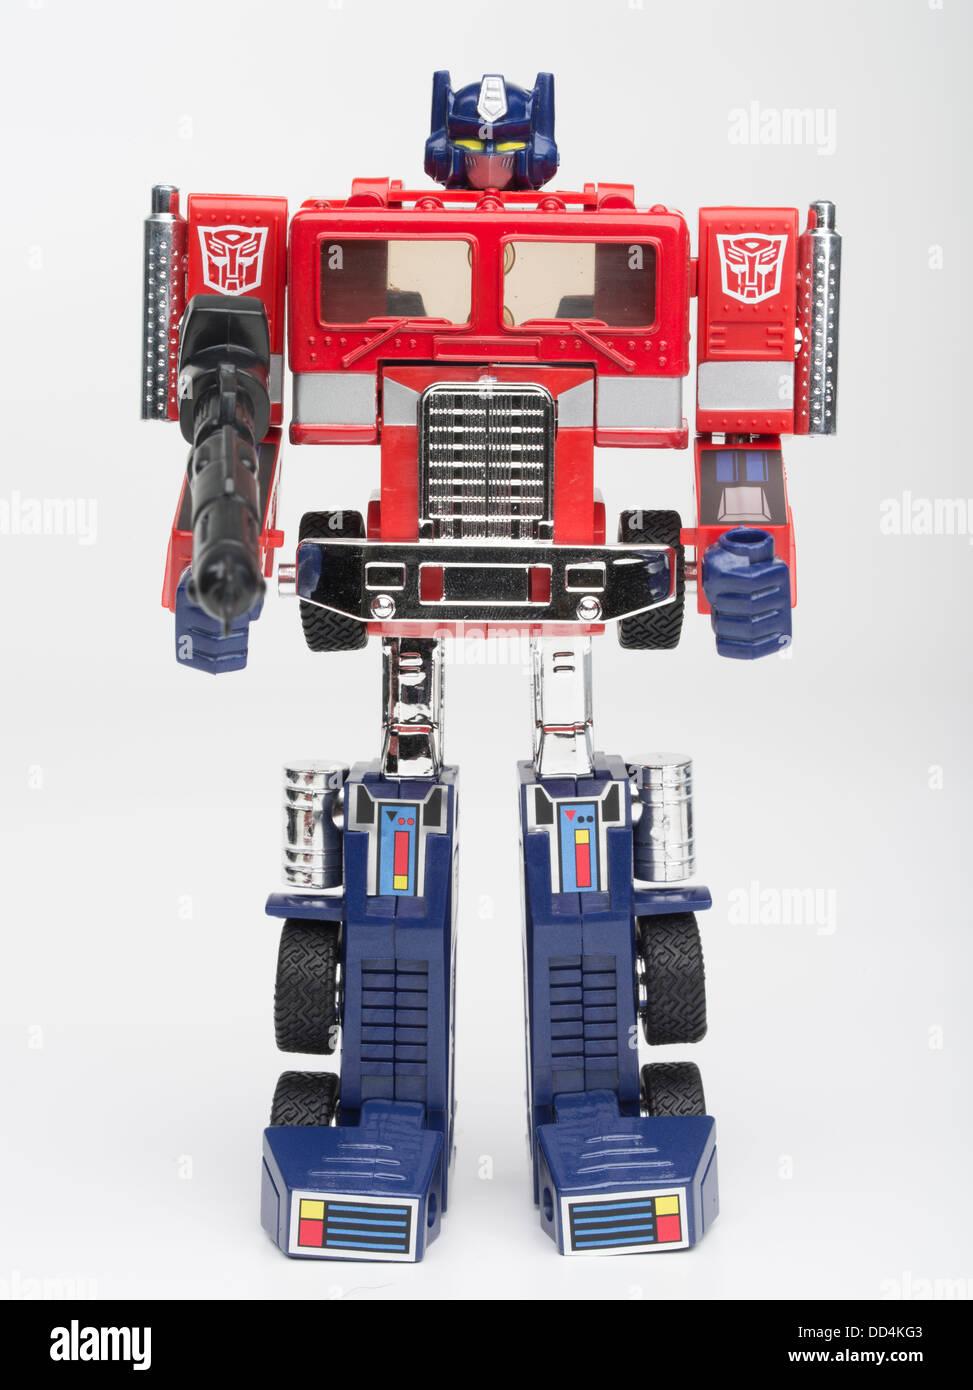 Optimus prime transformers spielzeug von takara